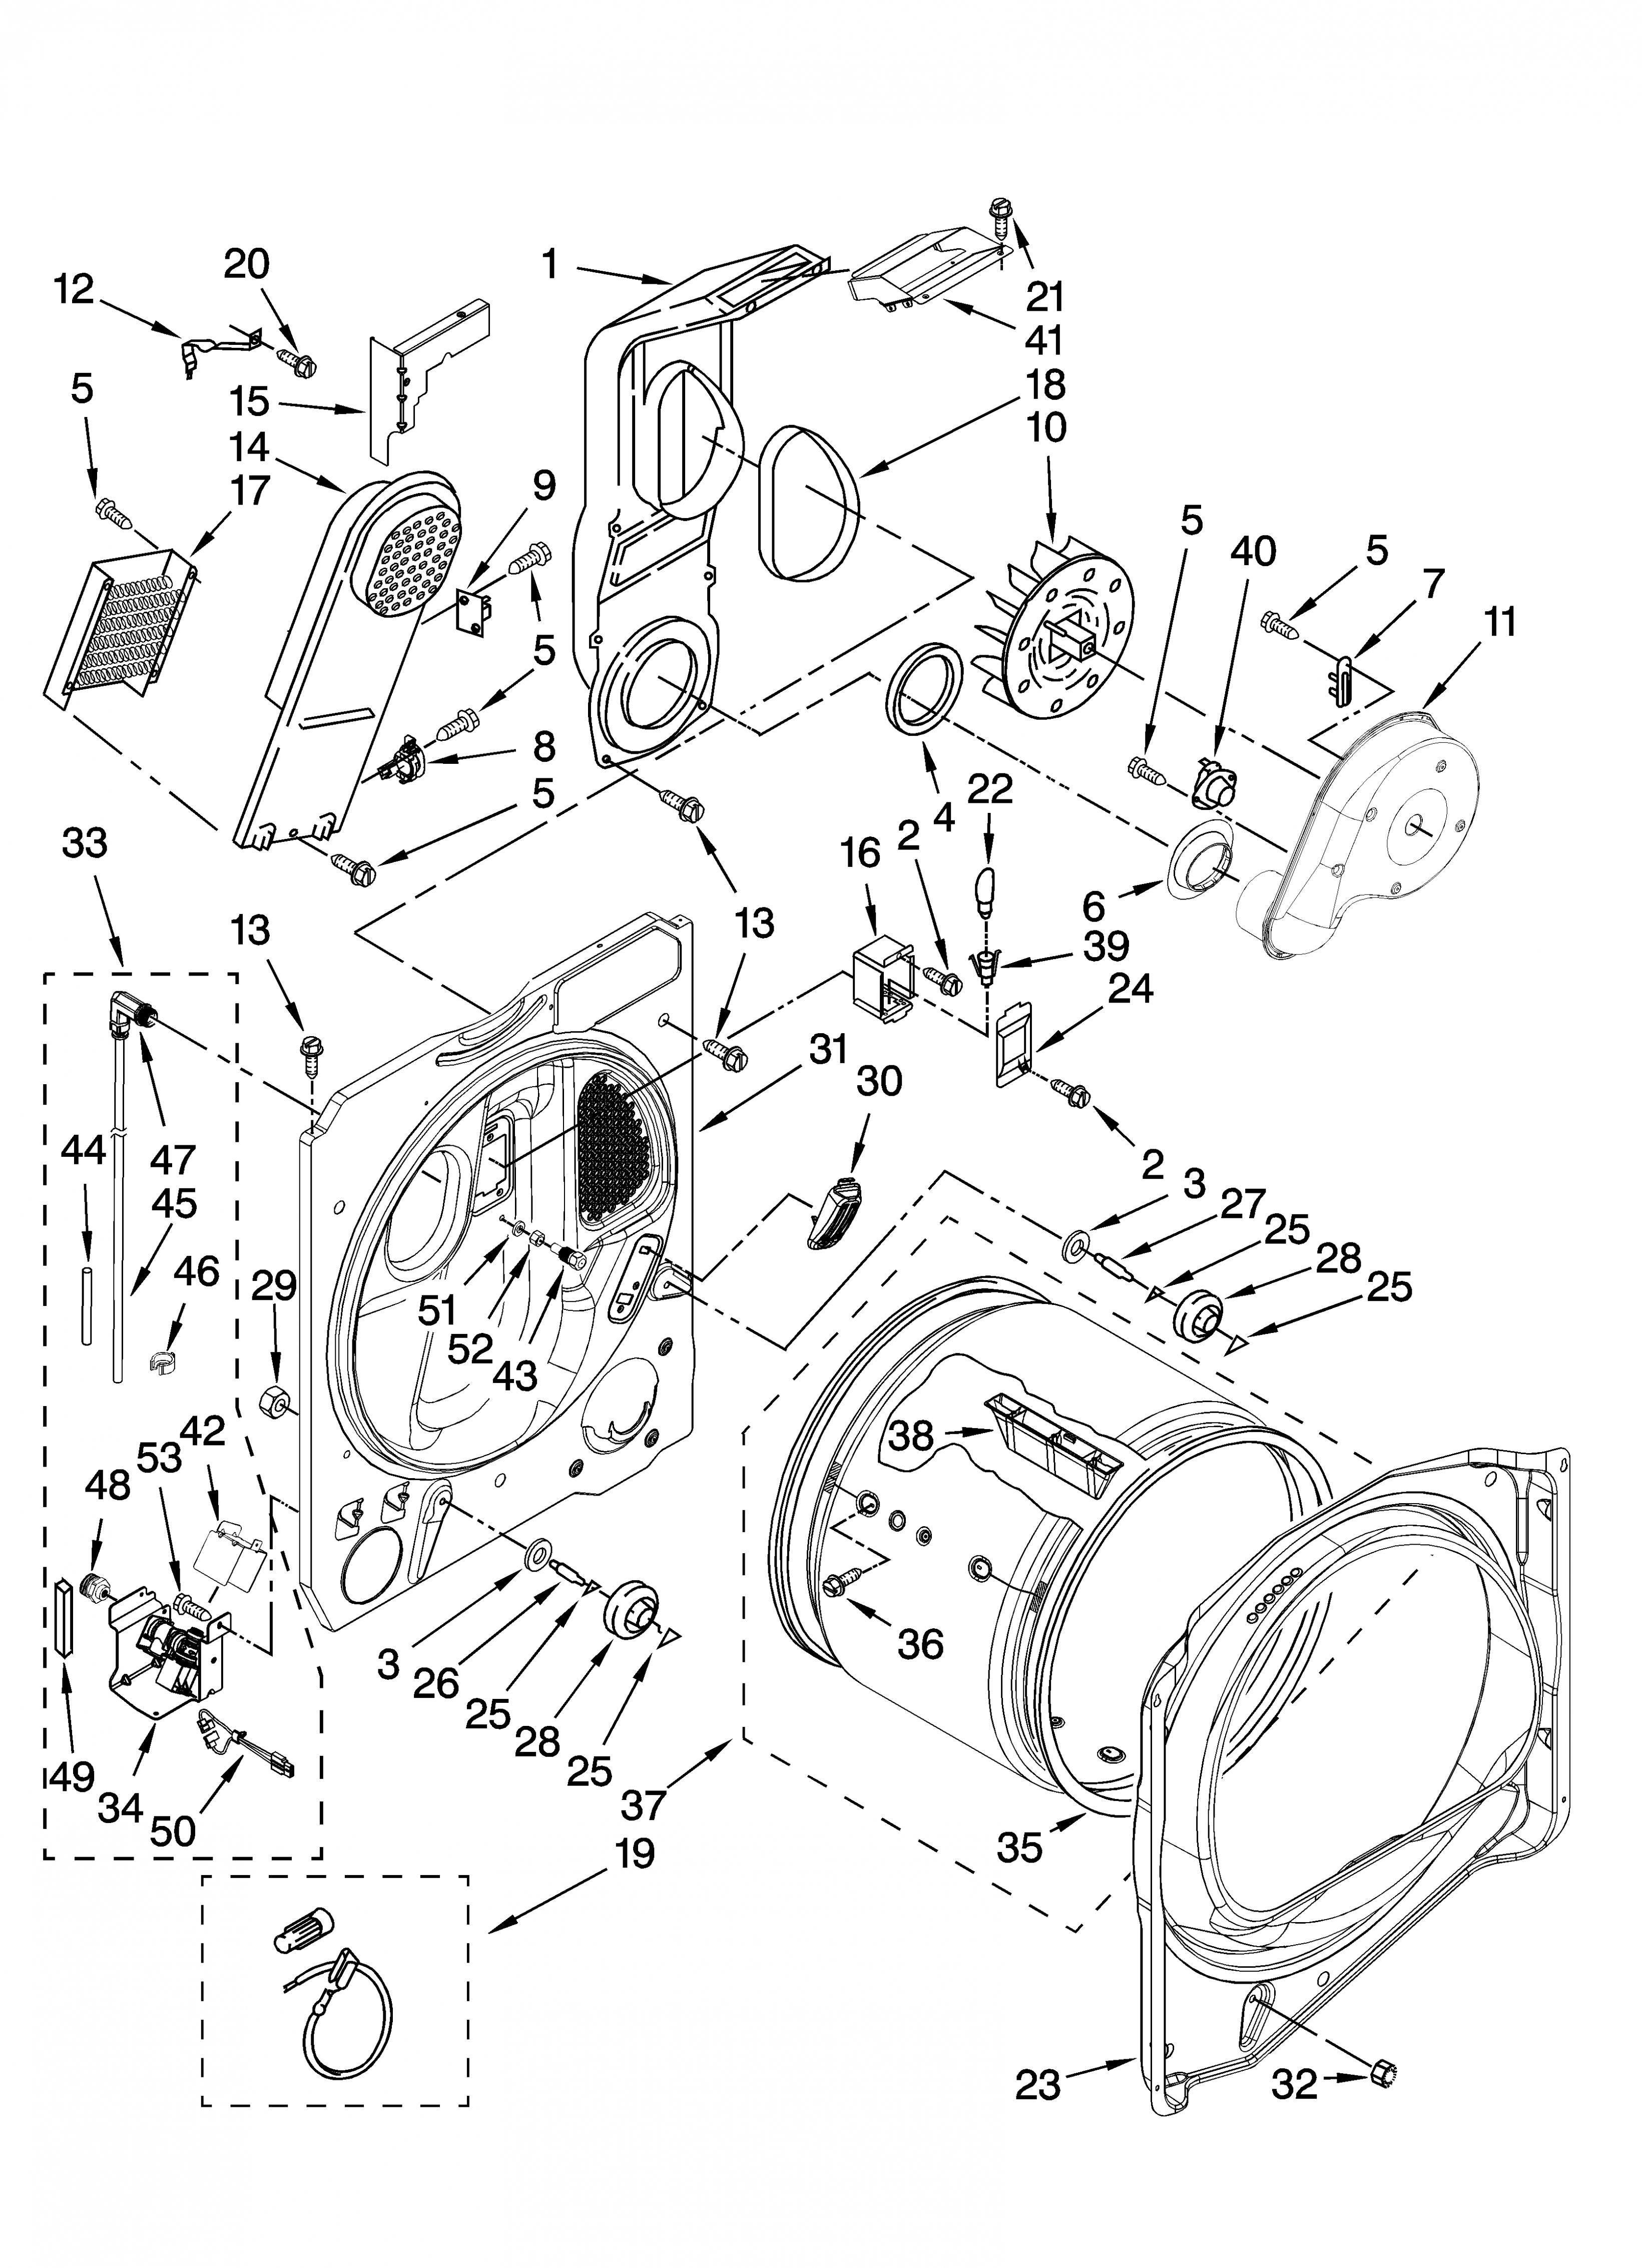 Maytag Duet Dryer Wiring Diagram - Wiring Block Diagram - Maytag Dryer Wiring Diagram